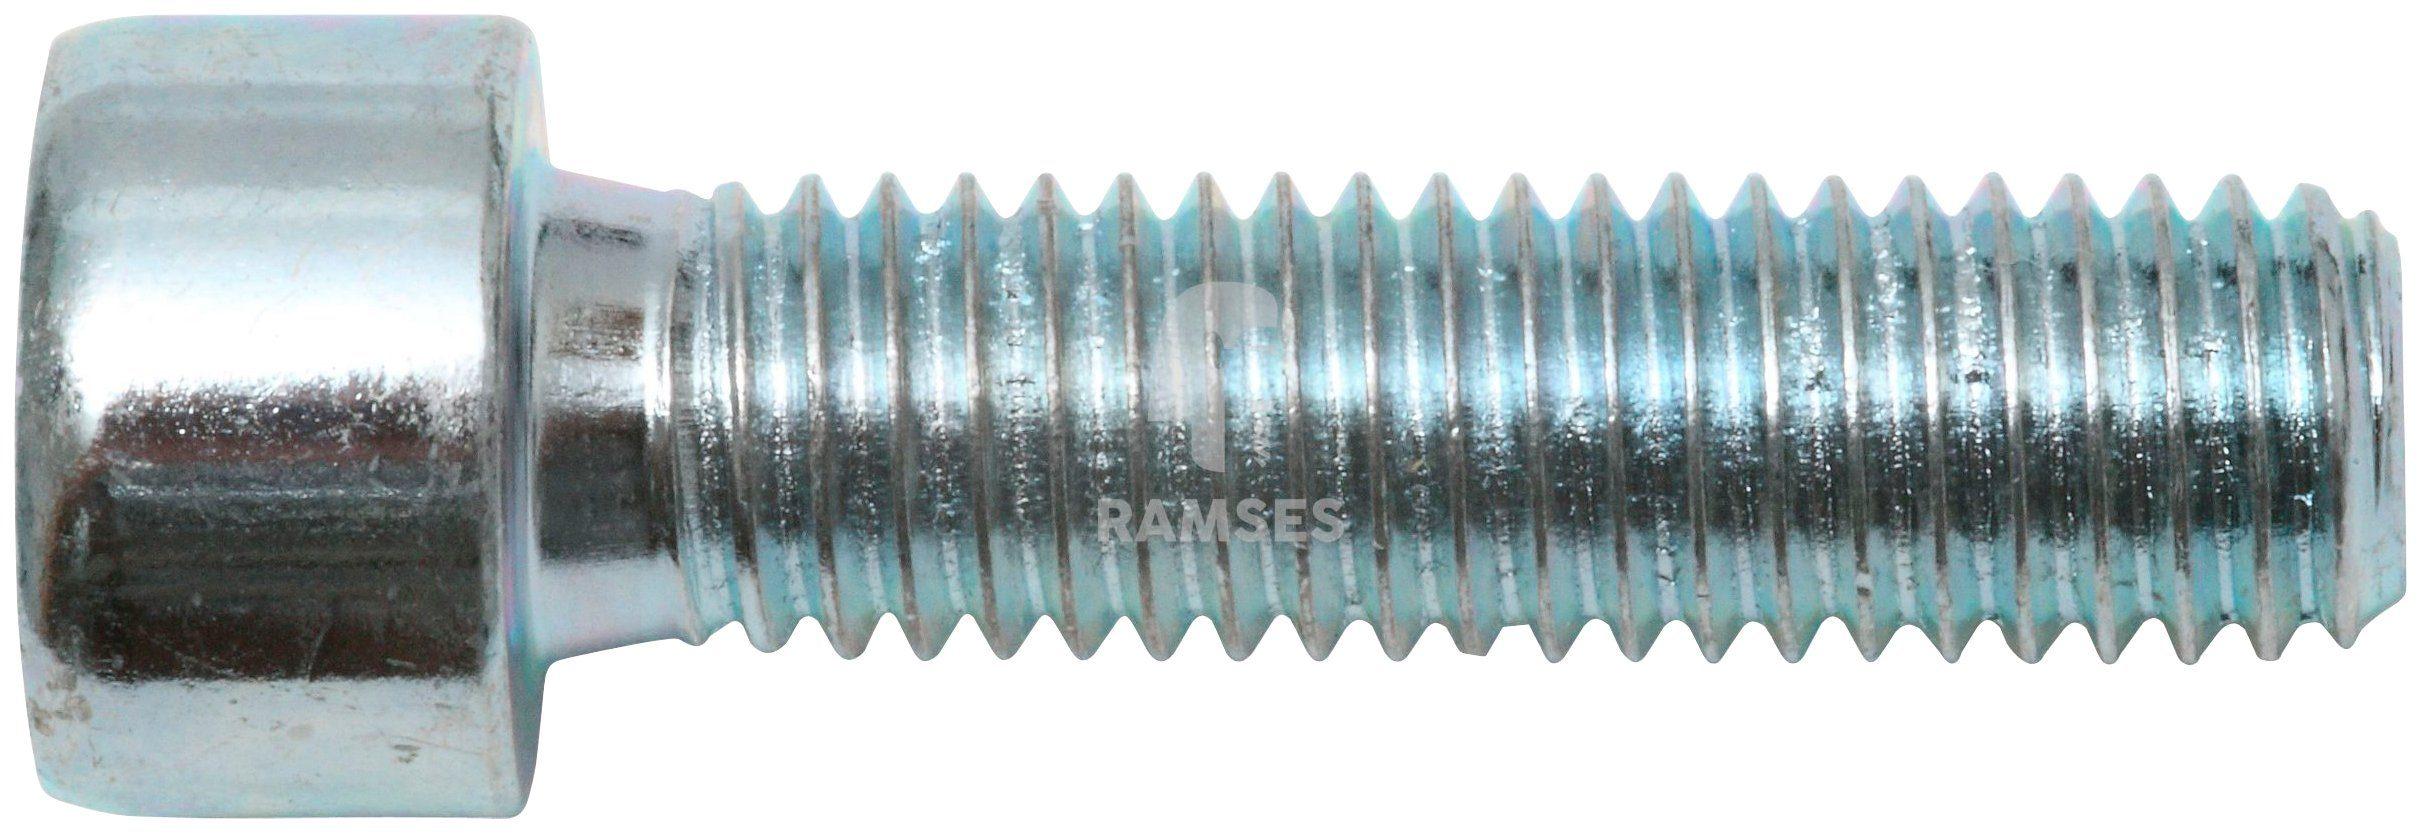 RAMSES Schrauben , Zylinderschraube M10 x 50 mm SW8 50 Stk.